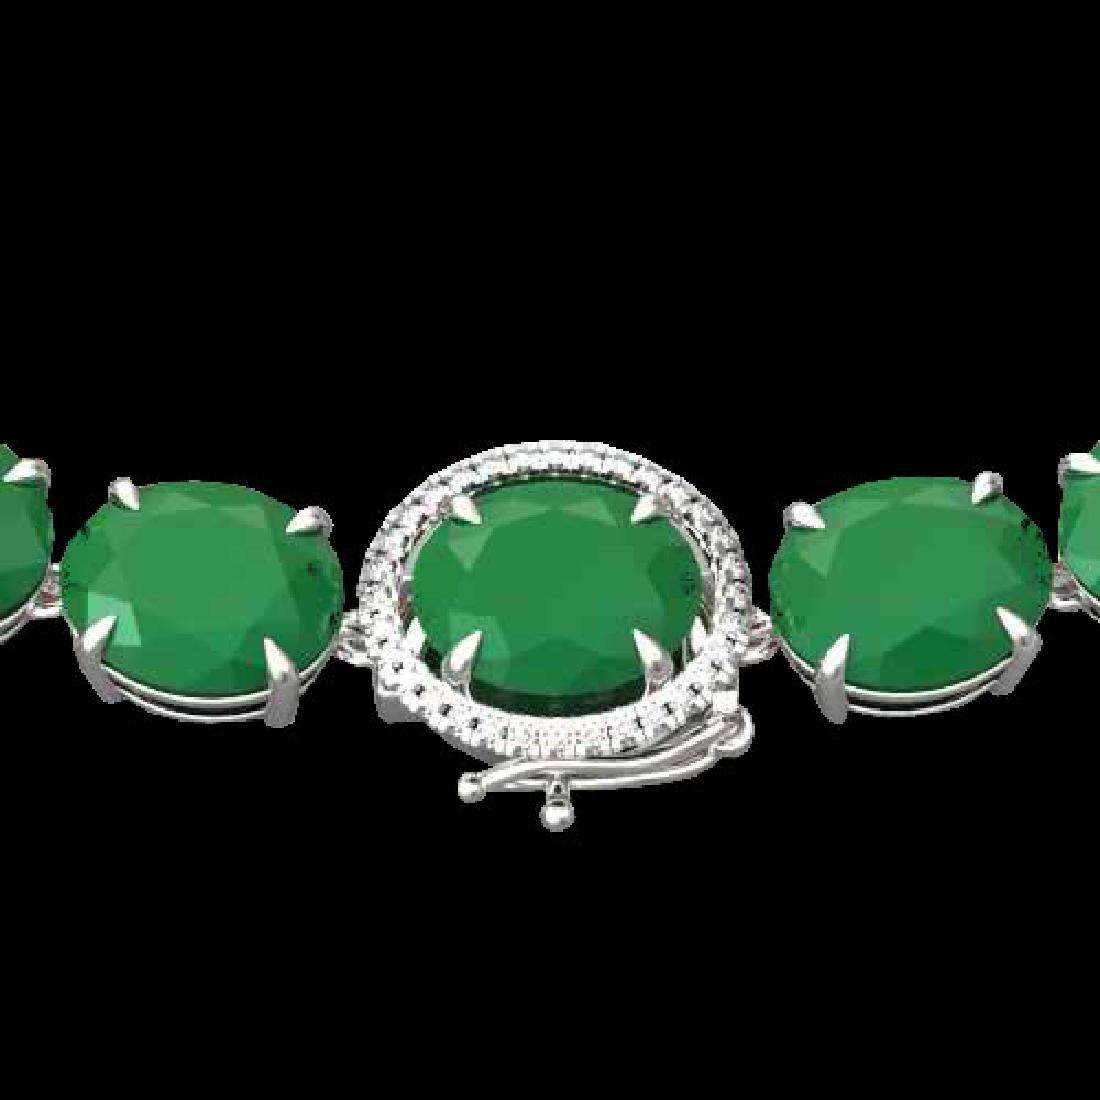 170 CTW Emerald & VS/SI Diamond Halo Micro Solitaire